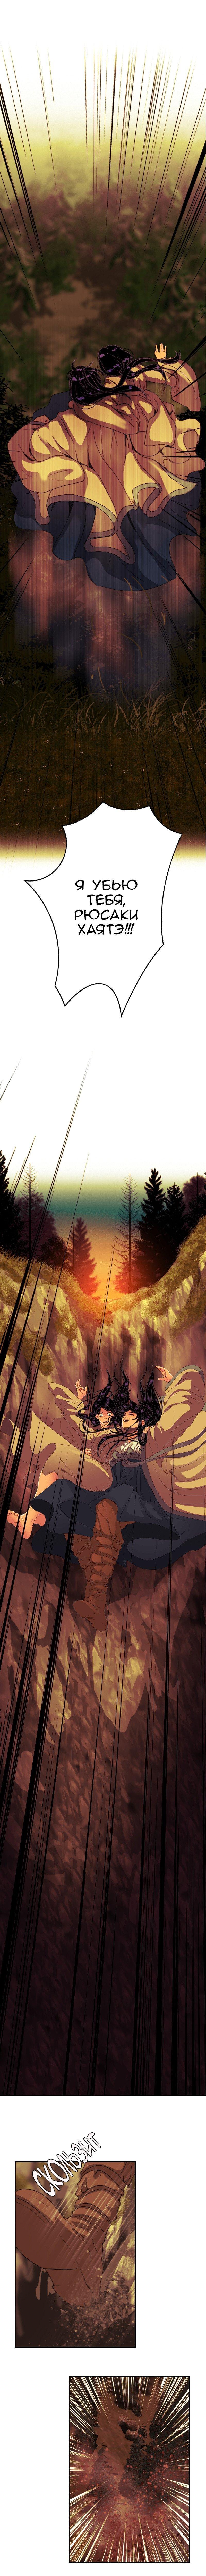 Манга Мой дорогой хладнокровный король - Глава 82 Страница 1